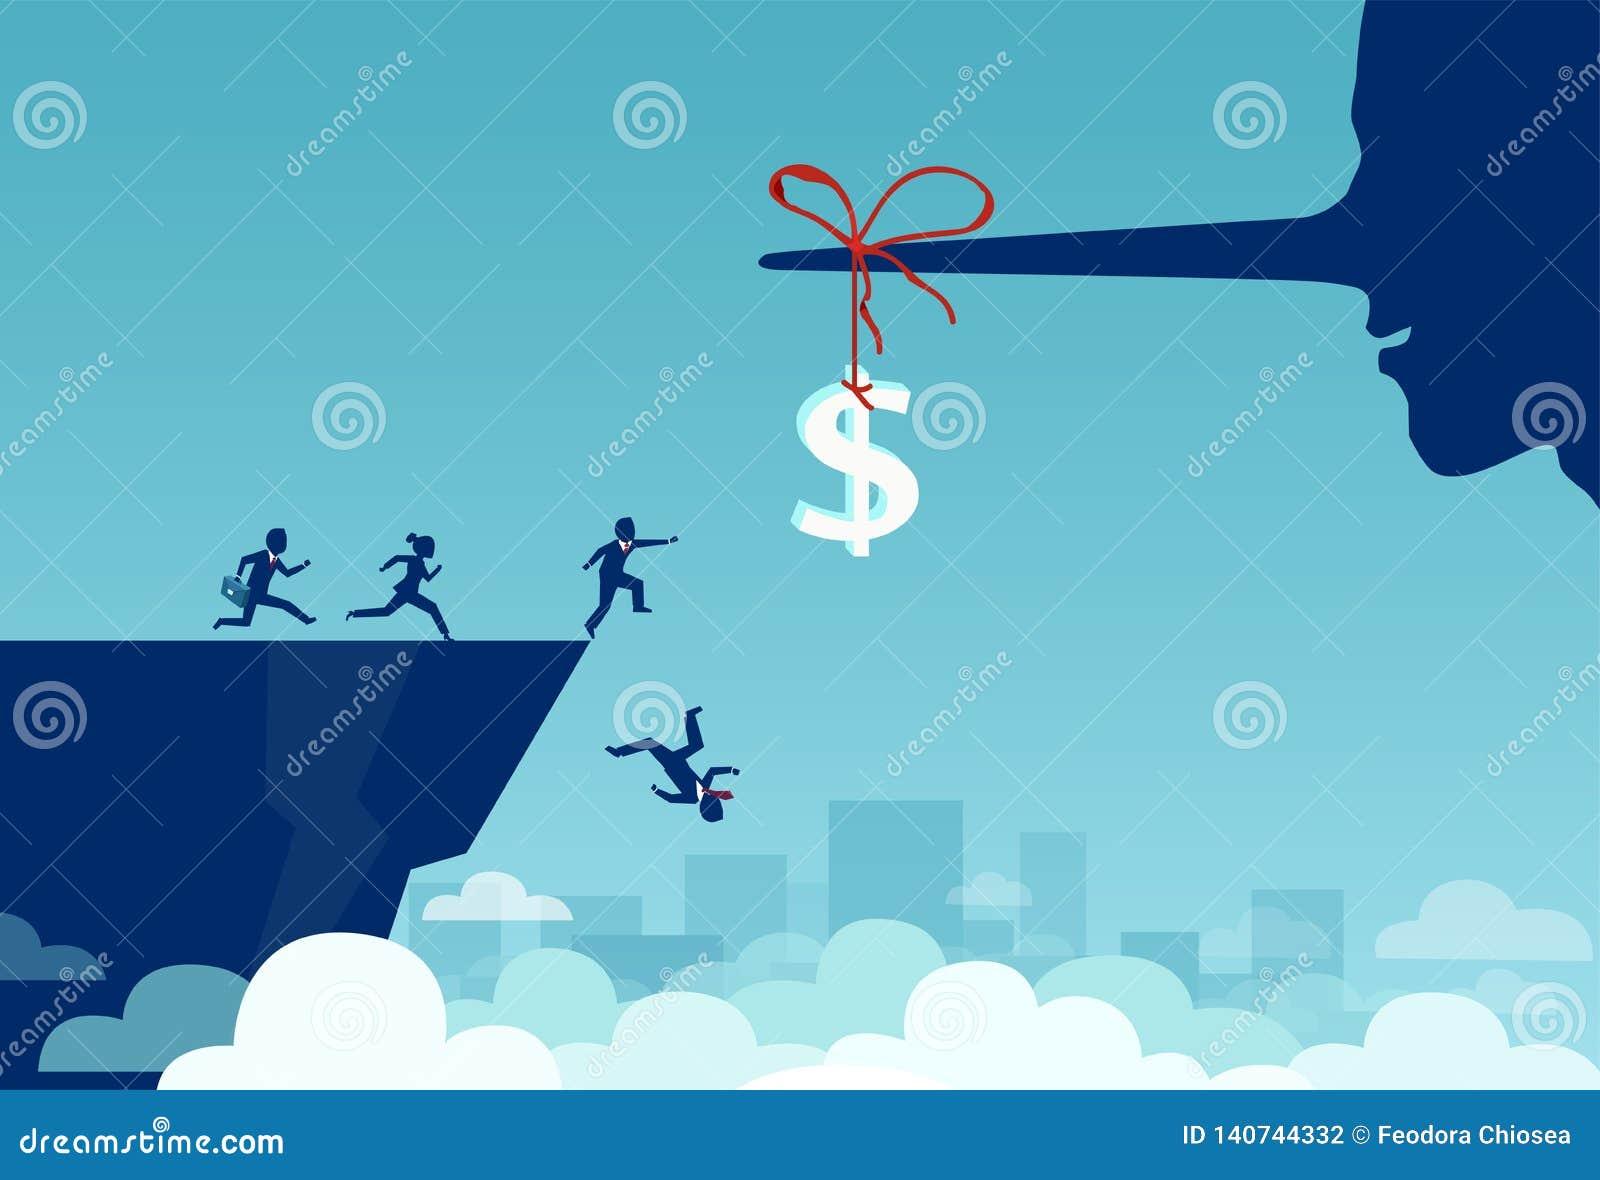 Vektor av gruppen av affärsfolk som kör in mot ett dollartecken som binds till en lång näsa för lögnare och av faller en klippa